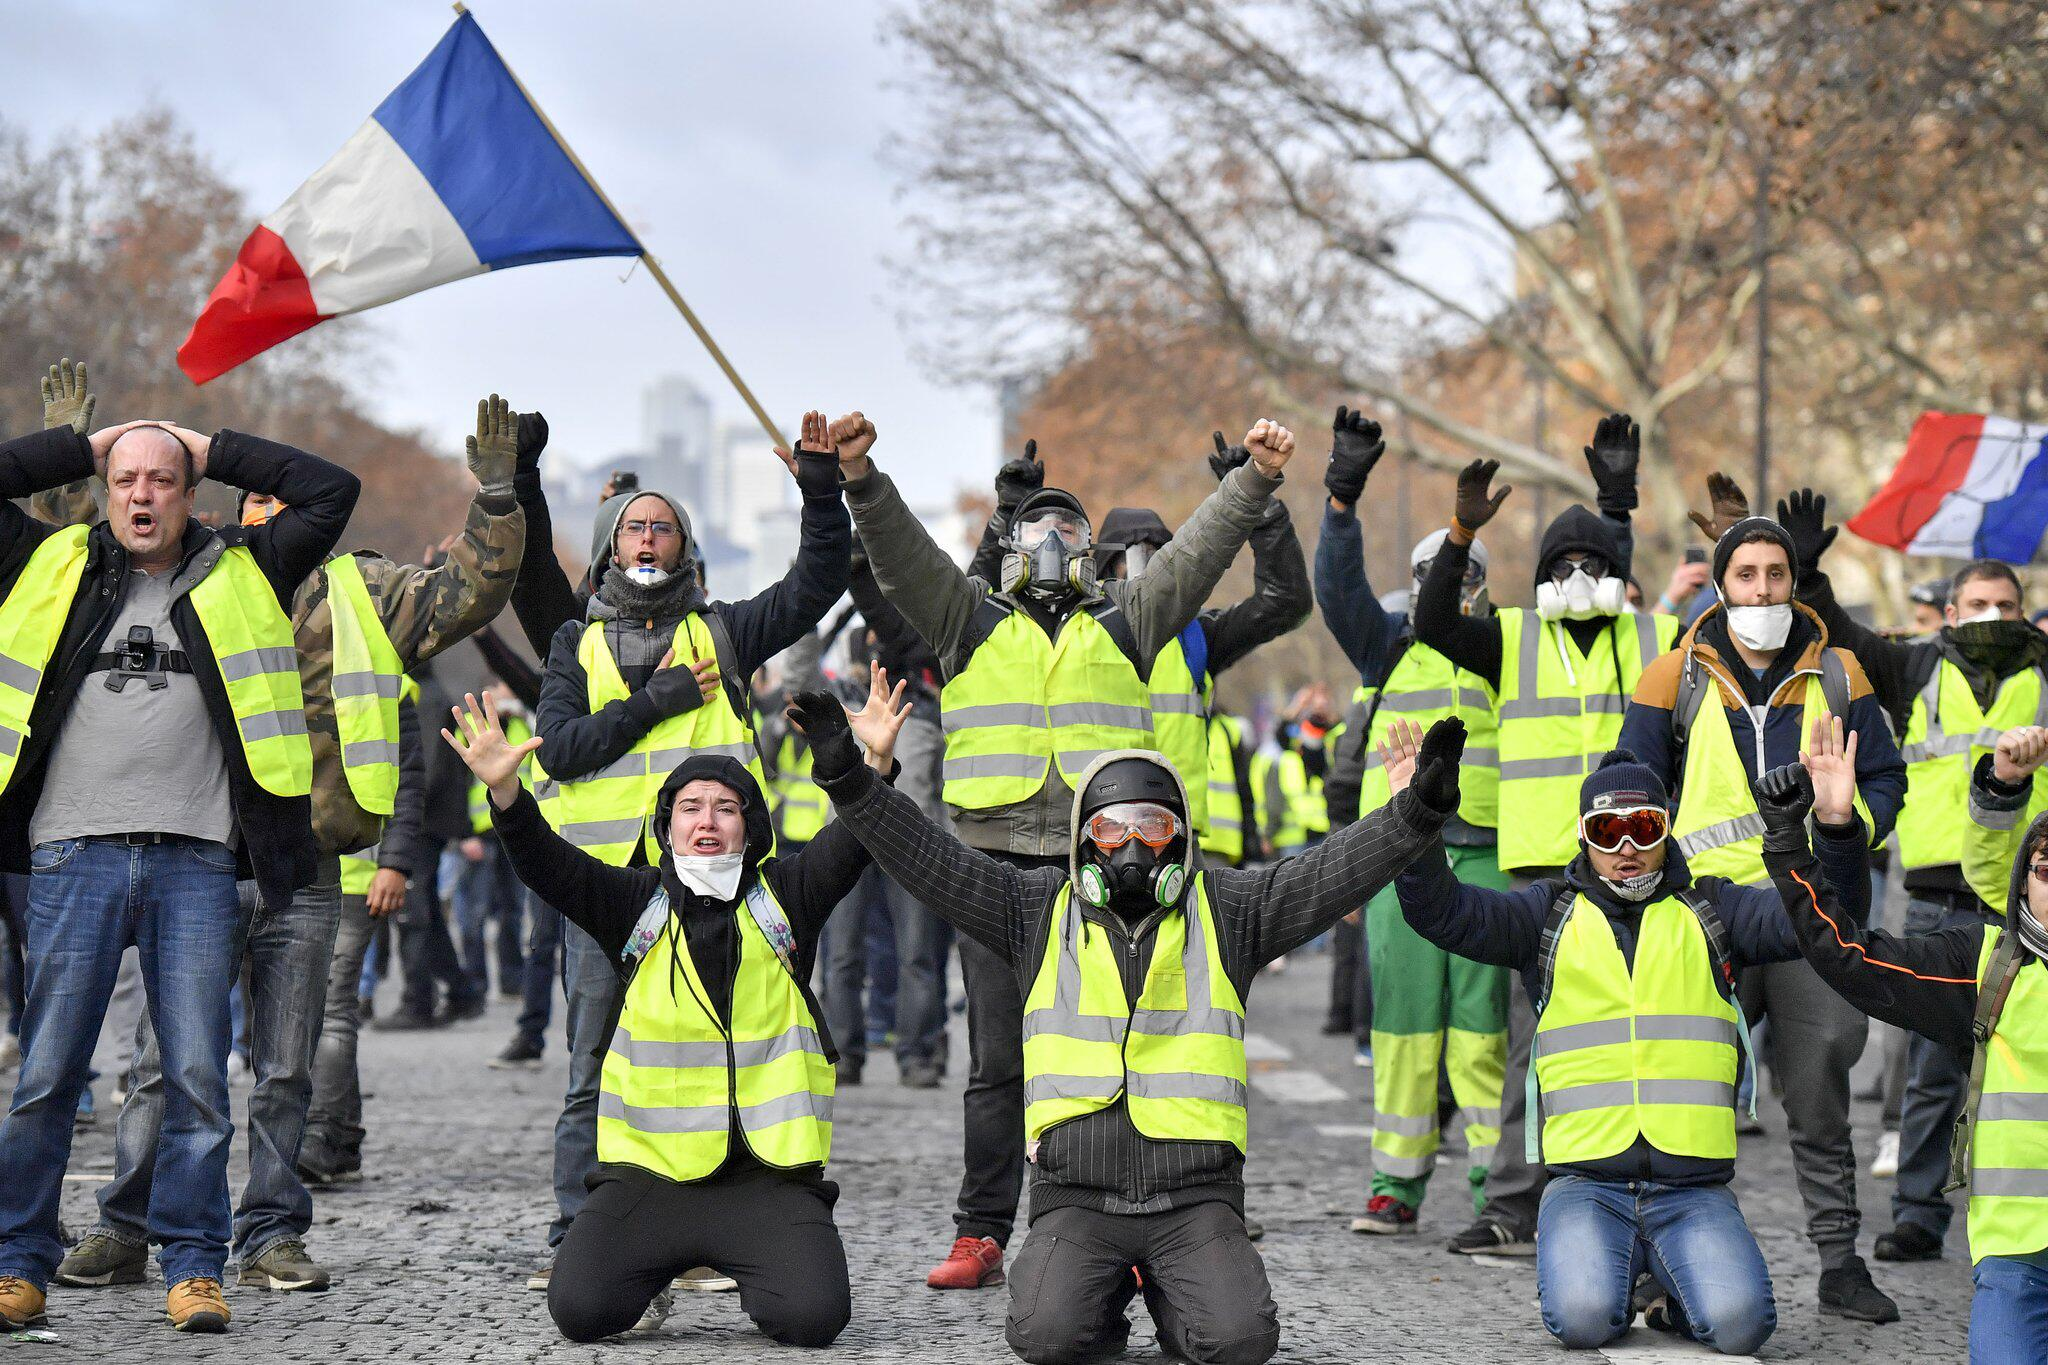 Französische Polizei nimmt vor